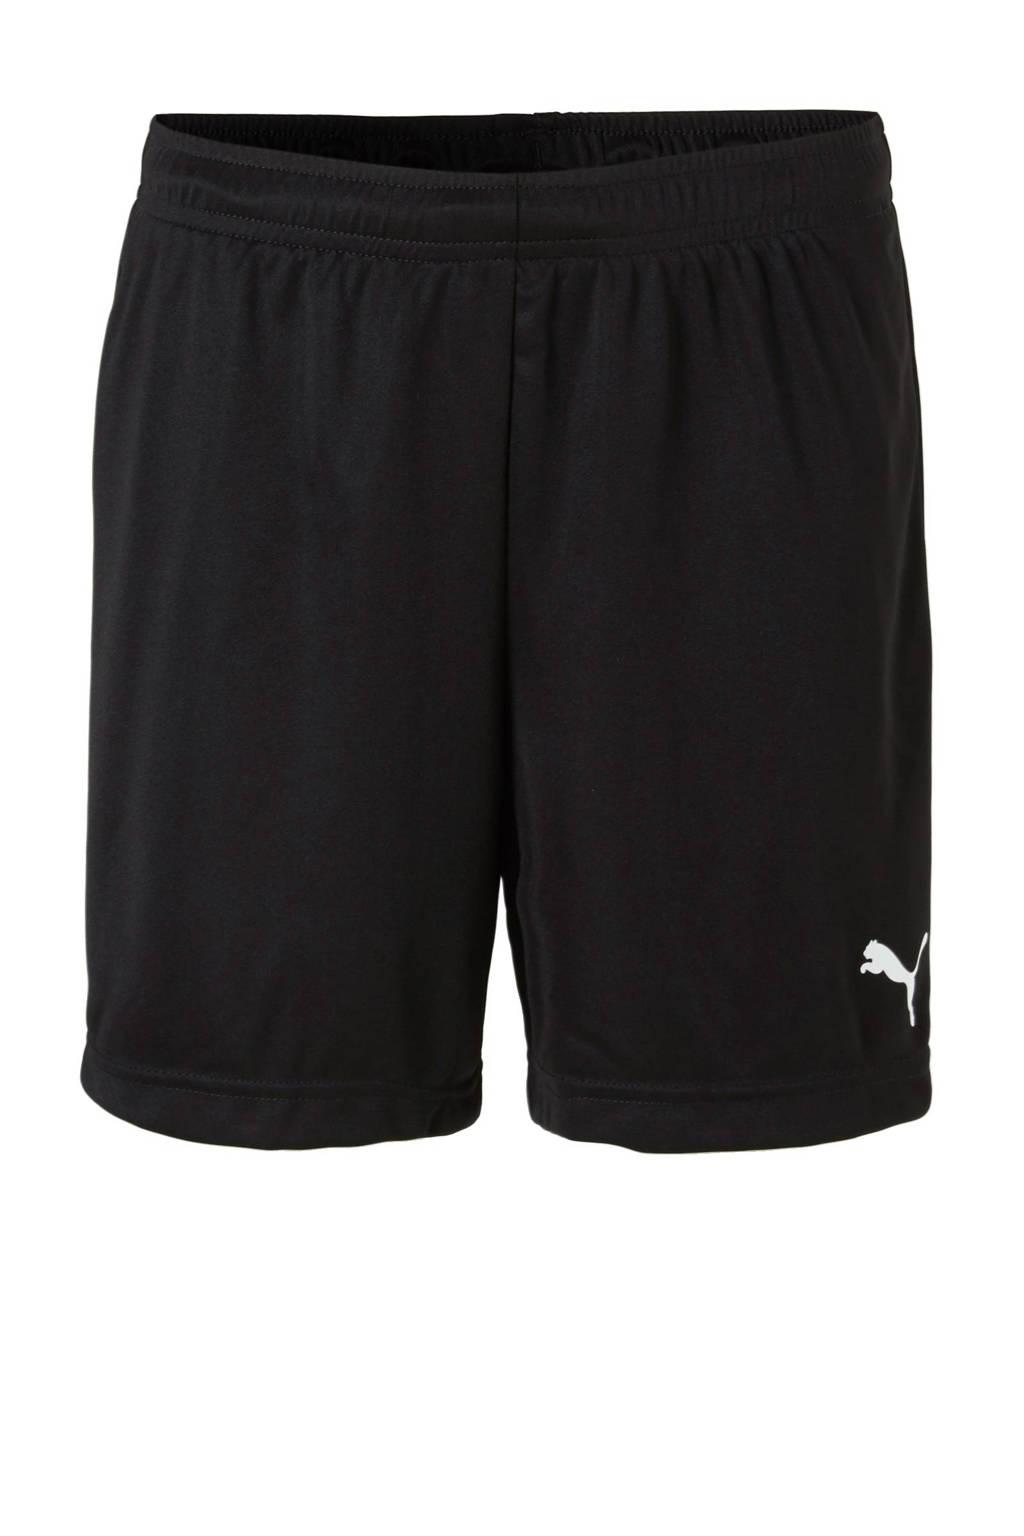 Puma Junior  sportshort zwart, Zwart